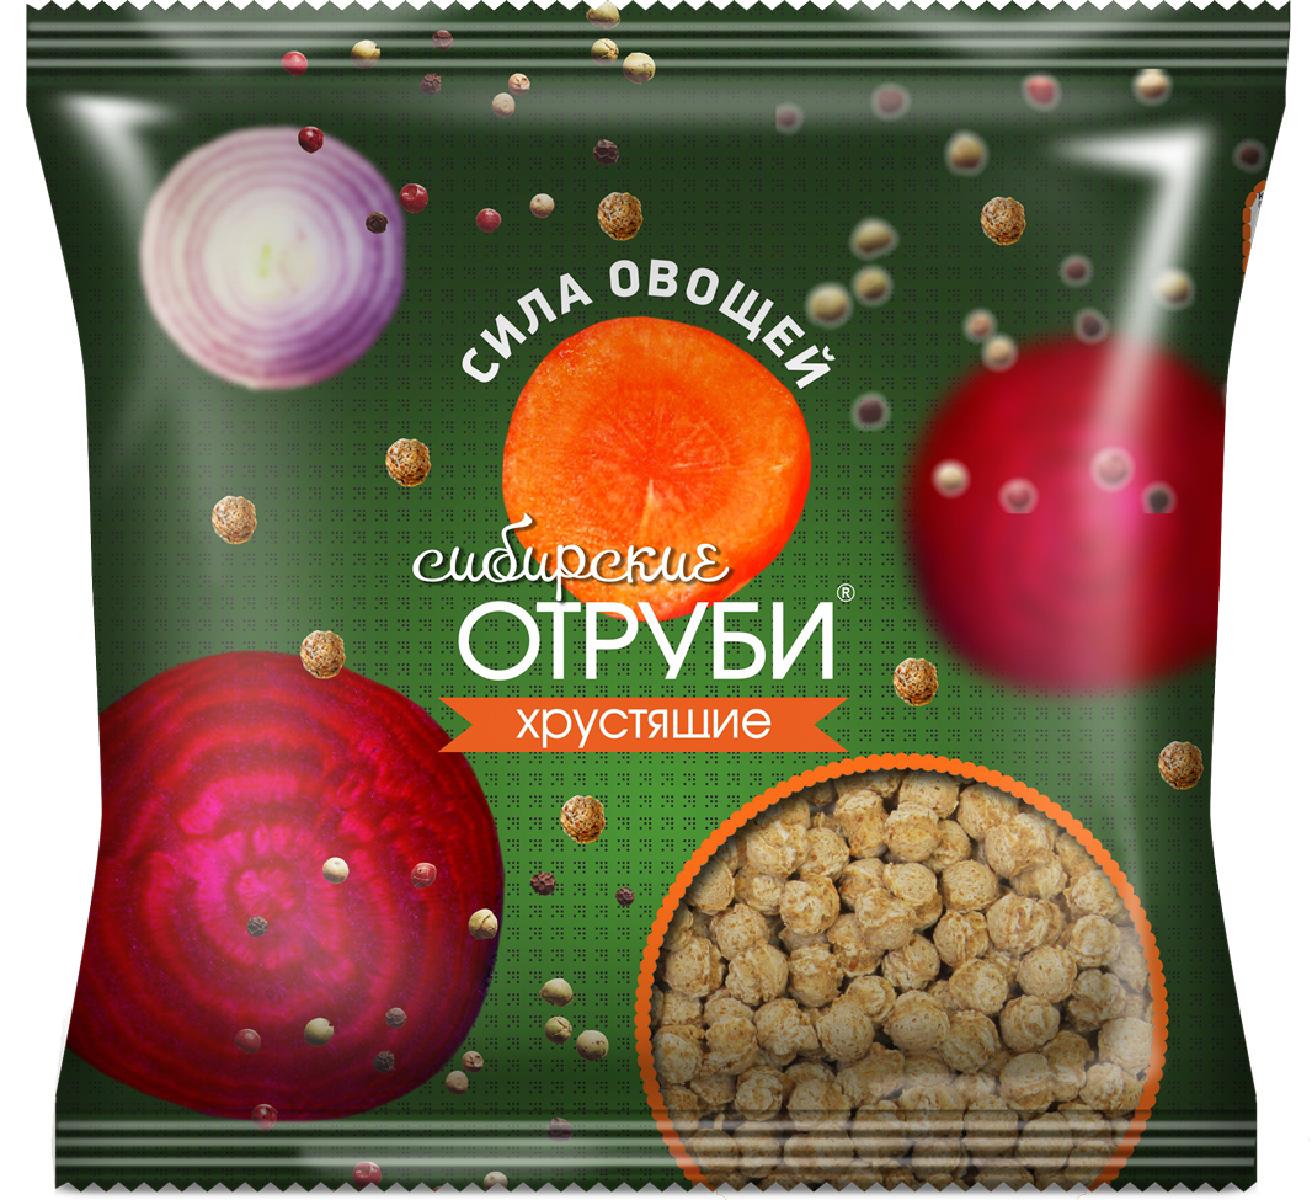 Сибирские Отруби хрустящие сила овощей, 100 г сибирские отруби хрустящие сила ягод 100 г